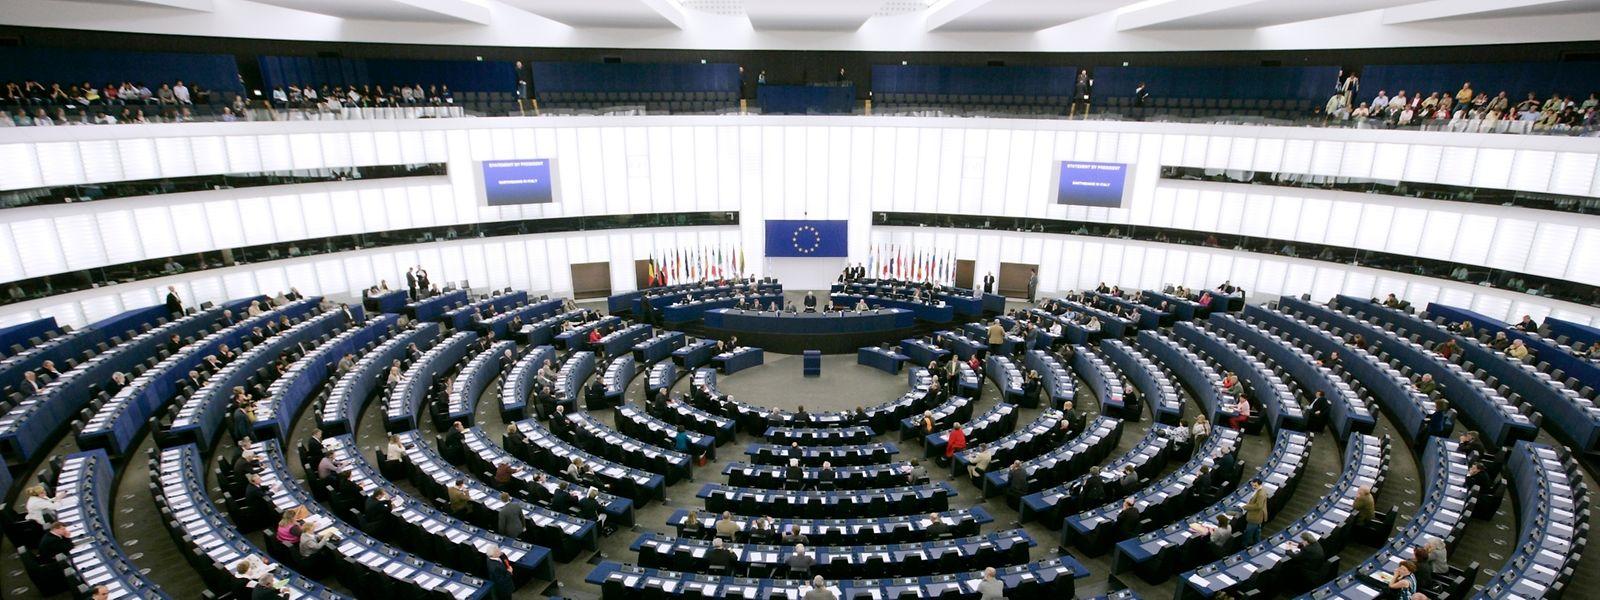 """Die inzwischen 142 Mitglieder der Parlamentarischen Versammlung traten erstmals im März 1958 zusammen. Doch der Name """"Europäisches Parlament"""" wurde erst 1962 von den Mitgliedern der Versammlung angenommen."""